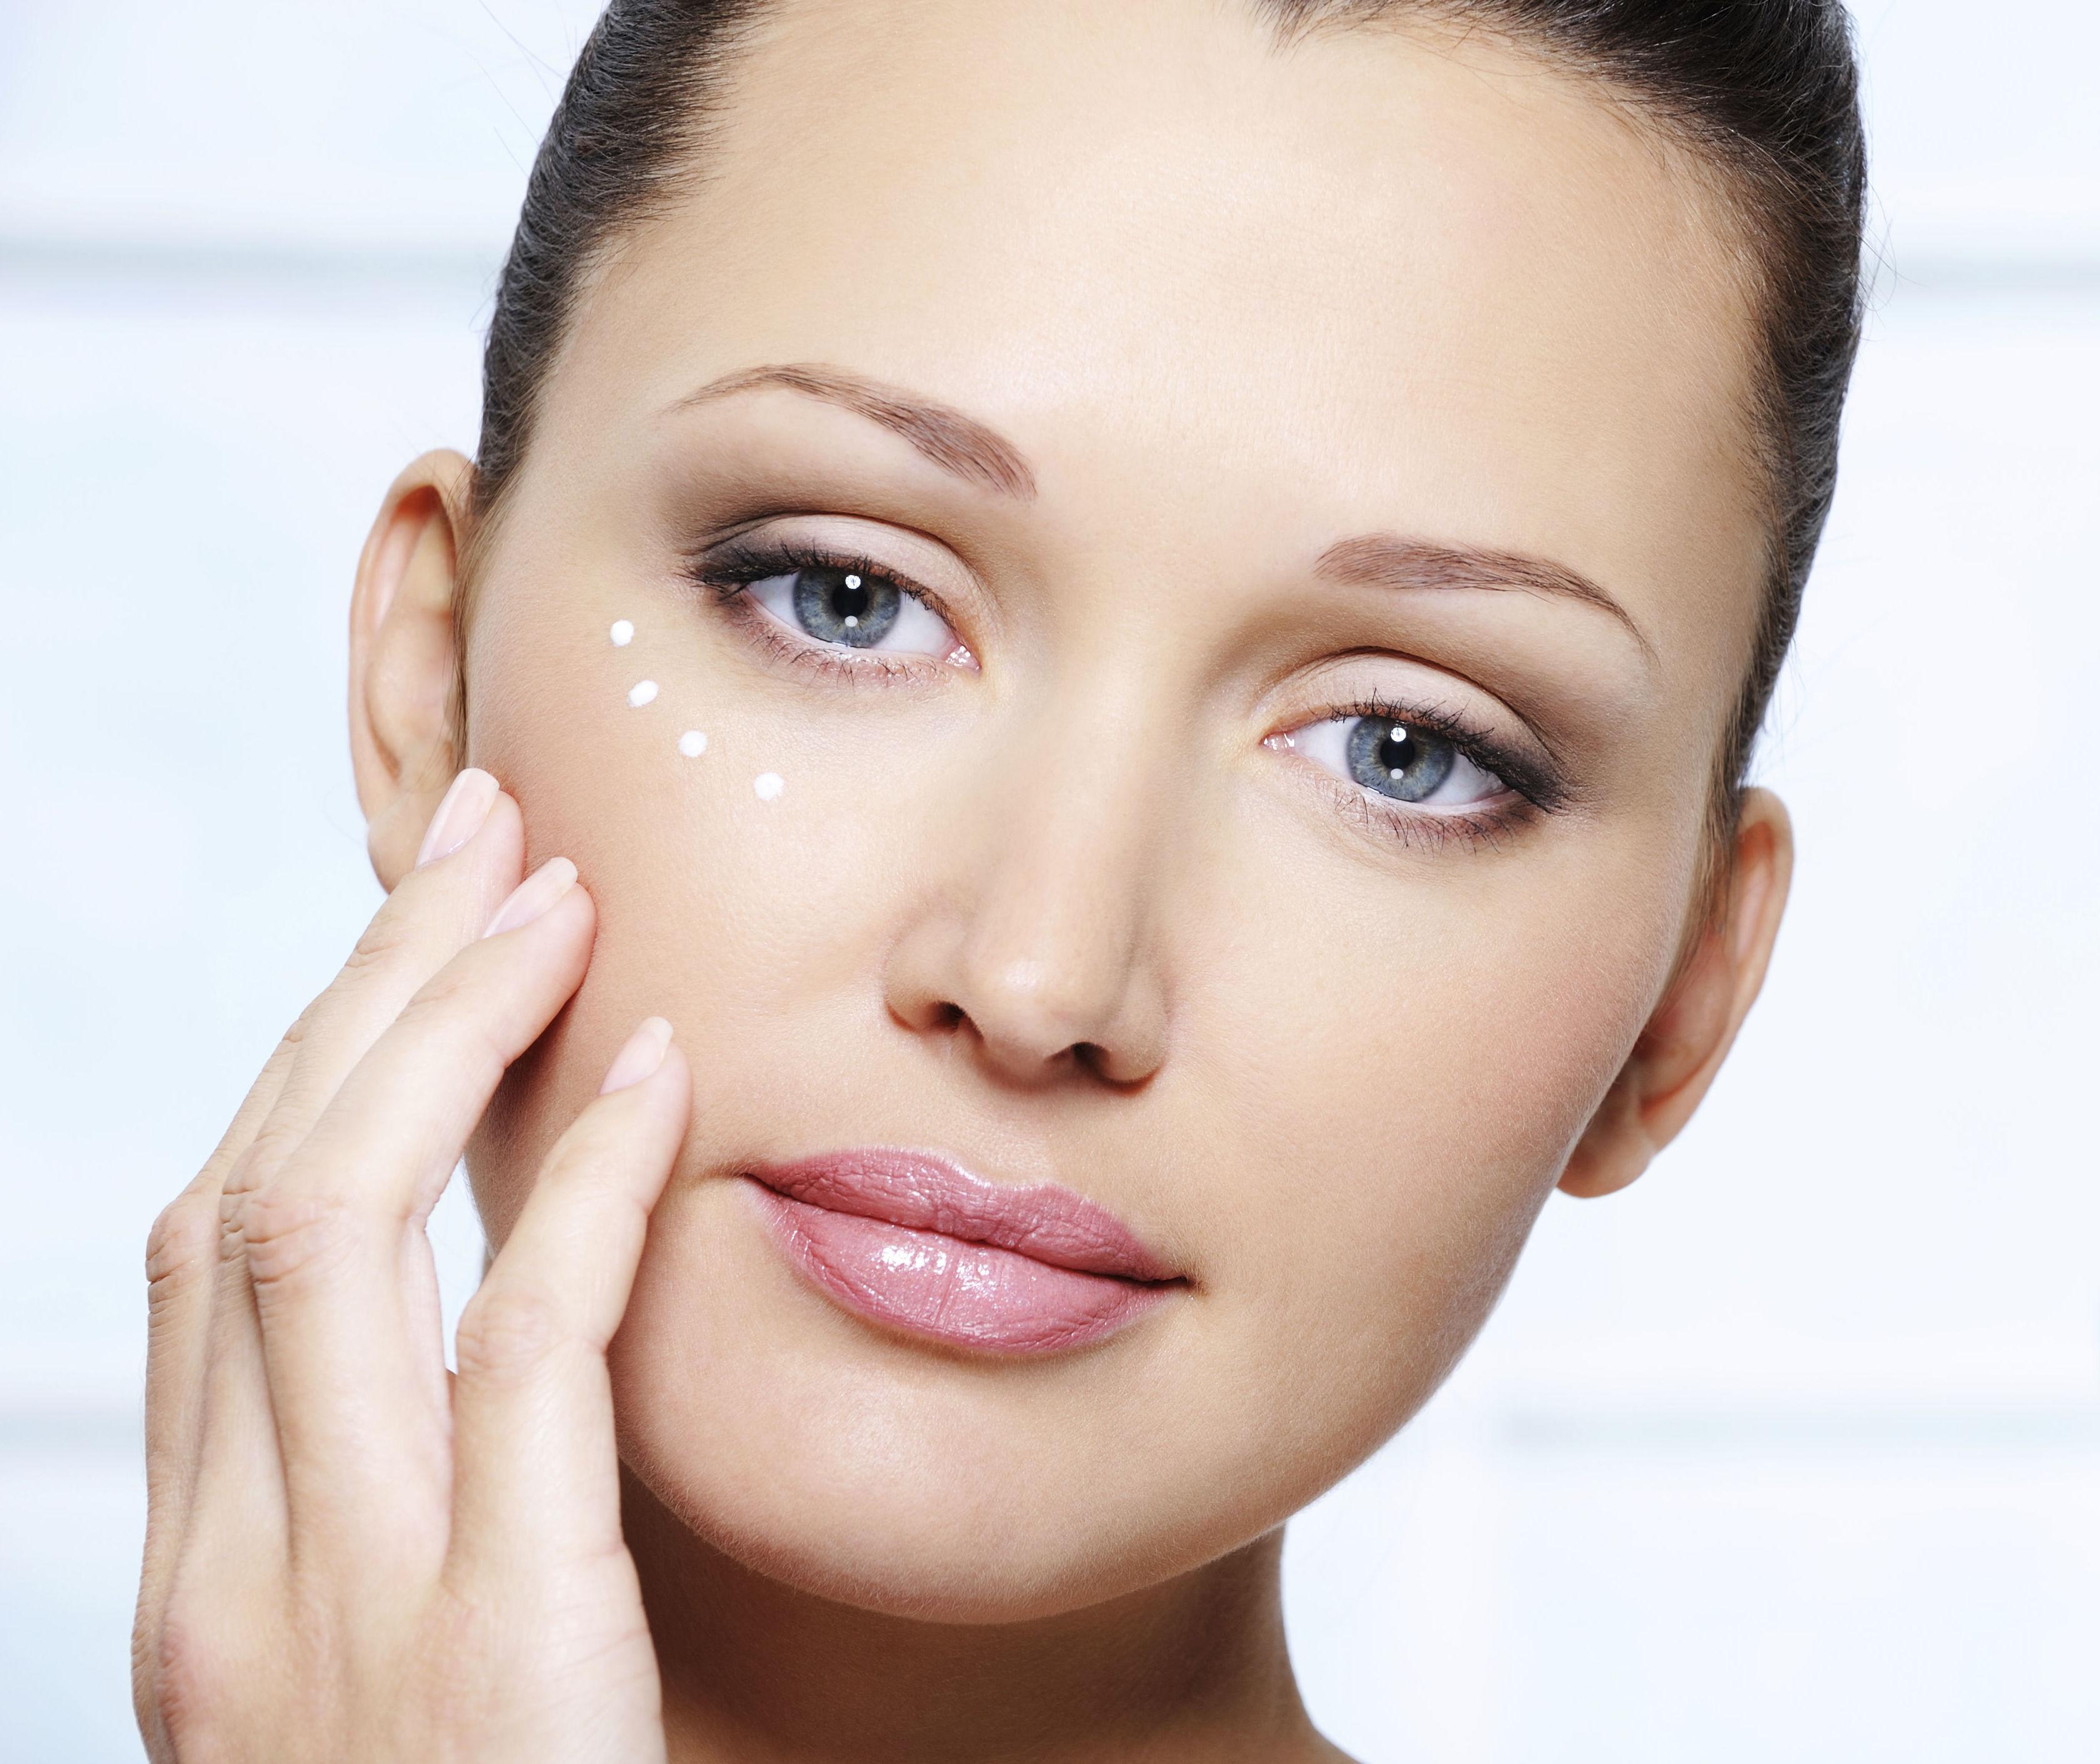 Tratamiento antiarrugas - Radiofrecuencia: Servicios de Peluquería Juvestile